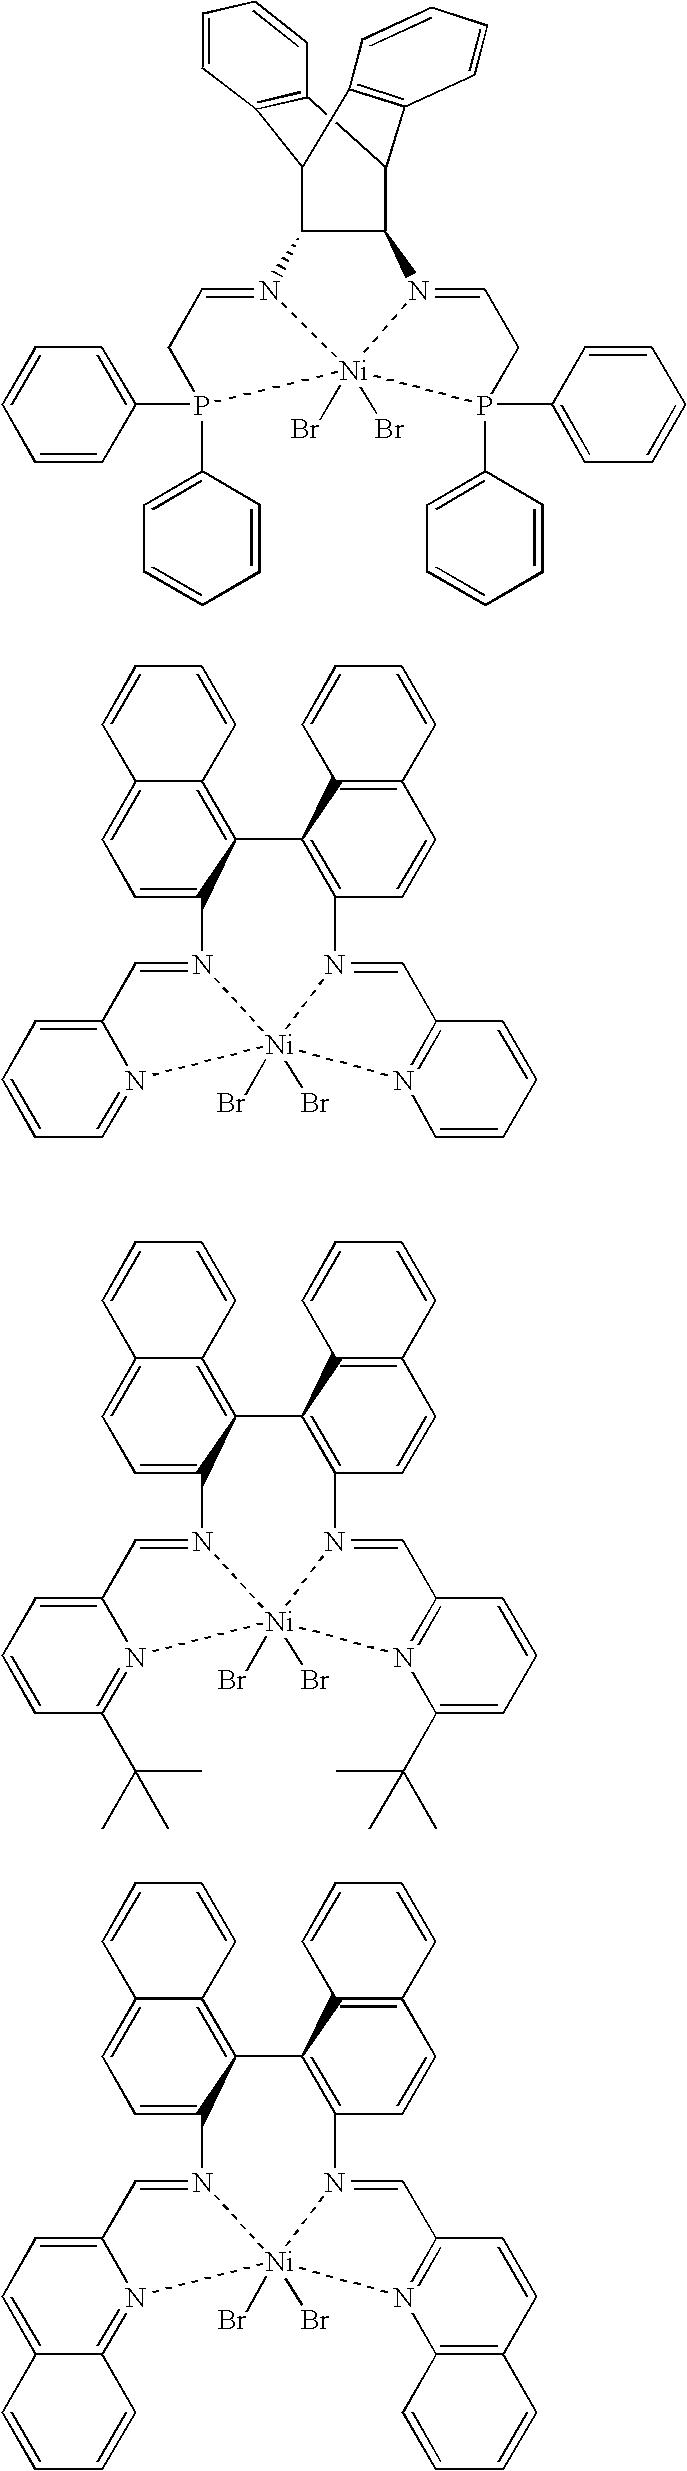 Figure US20060135352A1-20060622-C00010